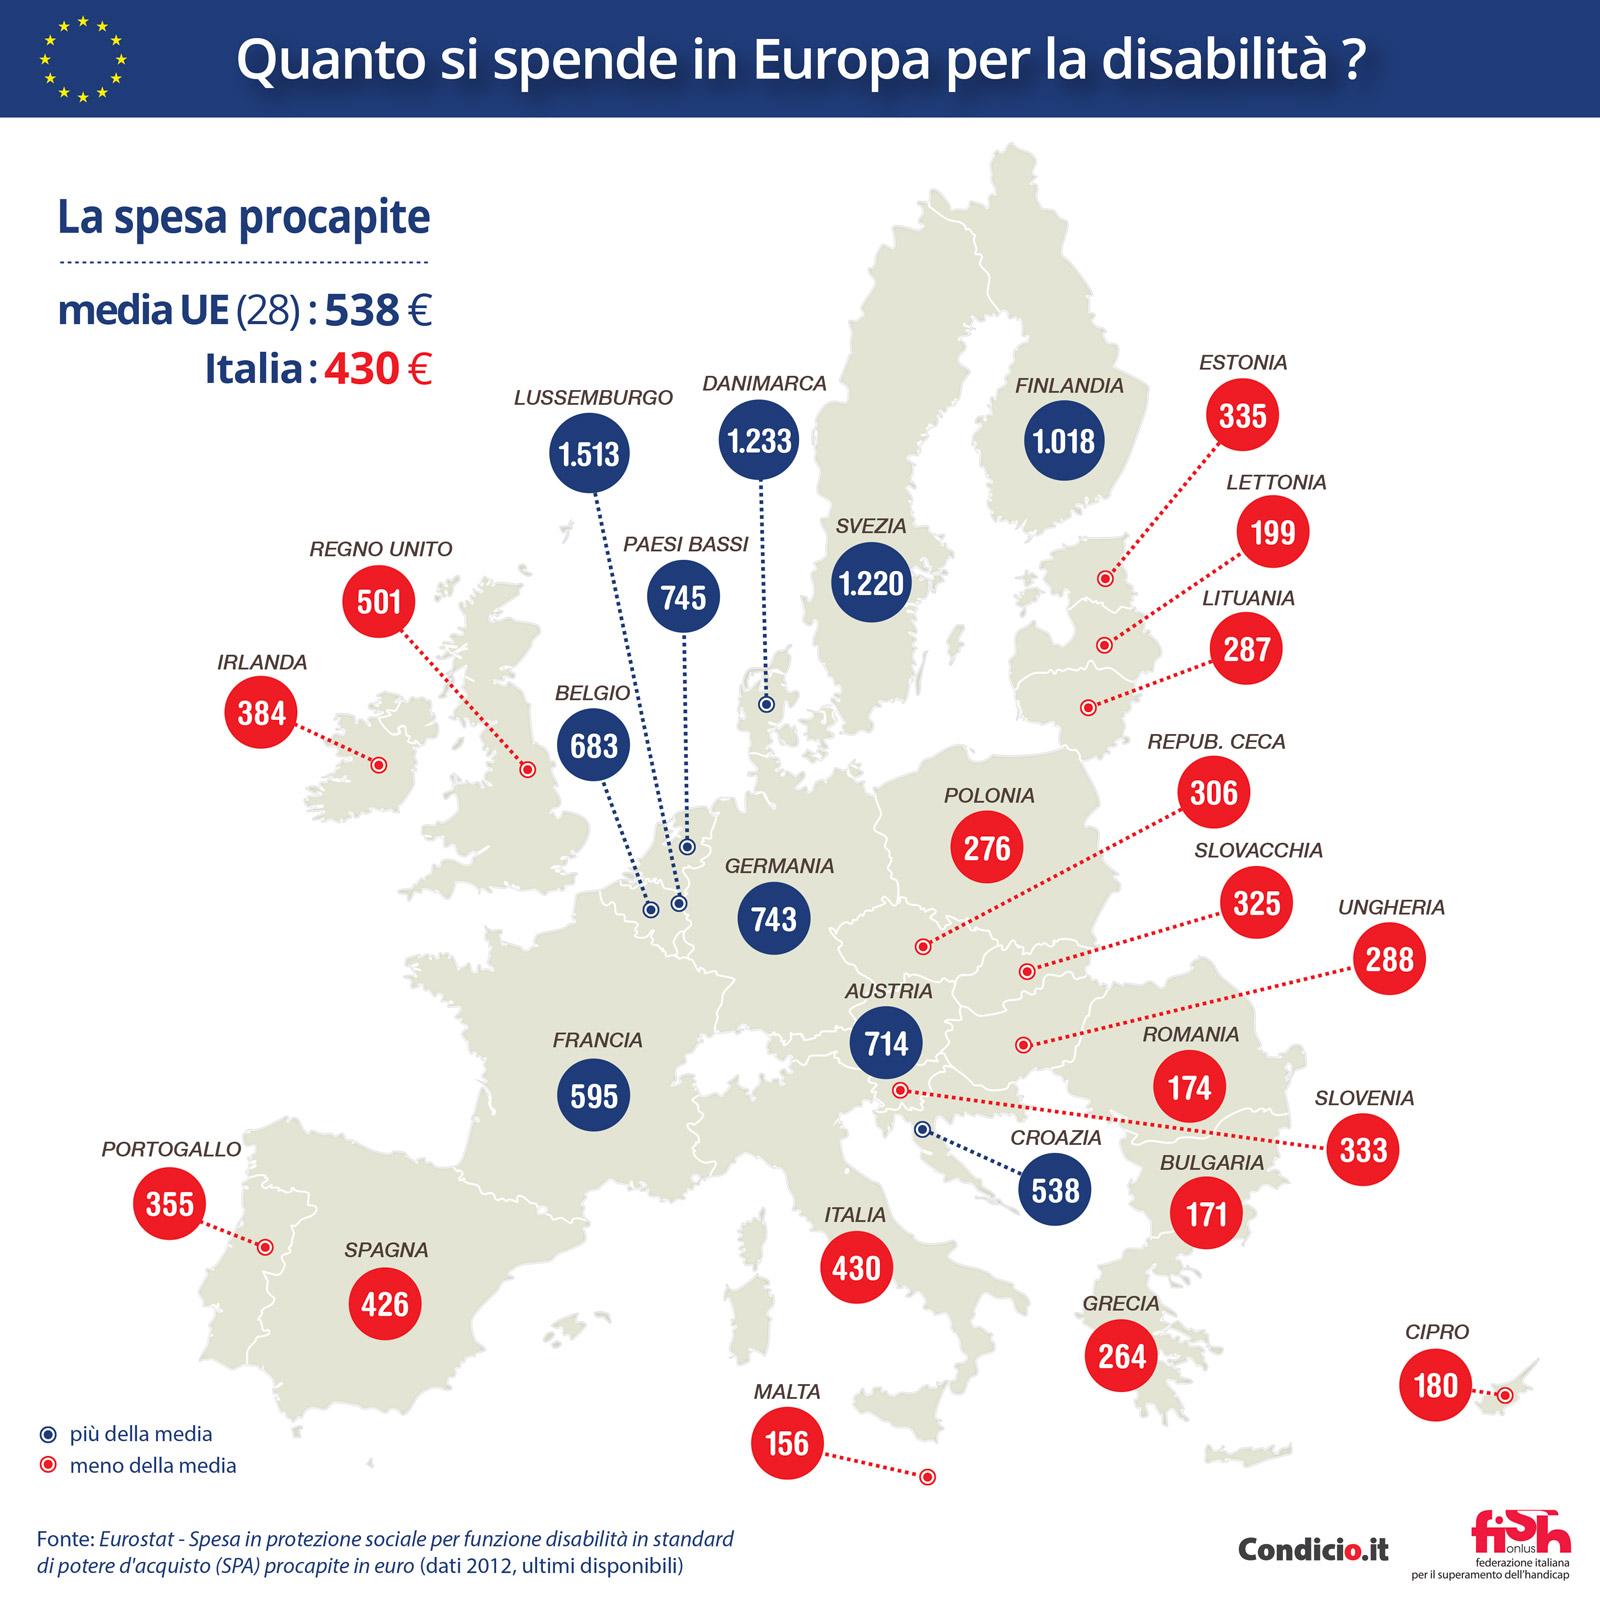 Quanto si spende in Europa per la disabilità?